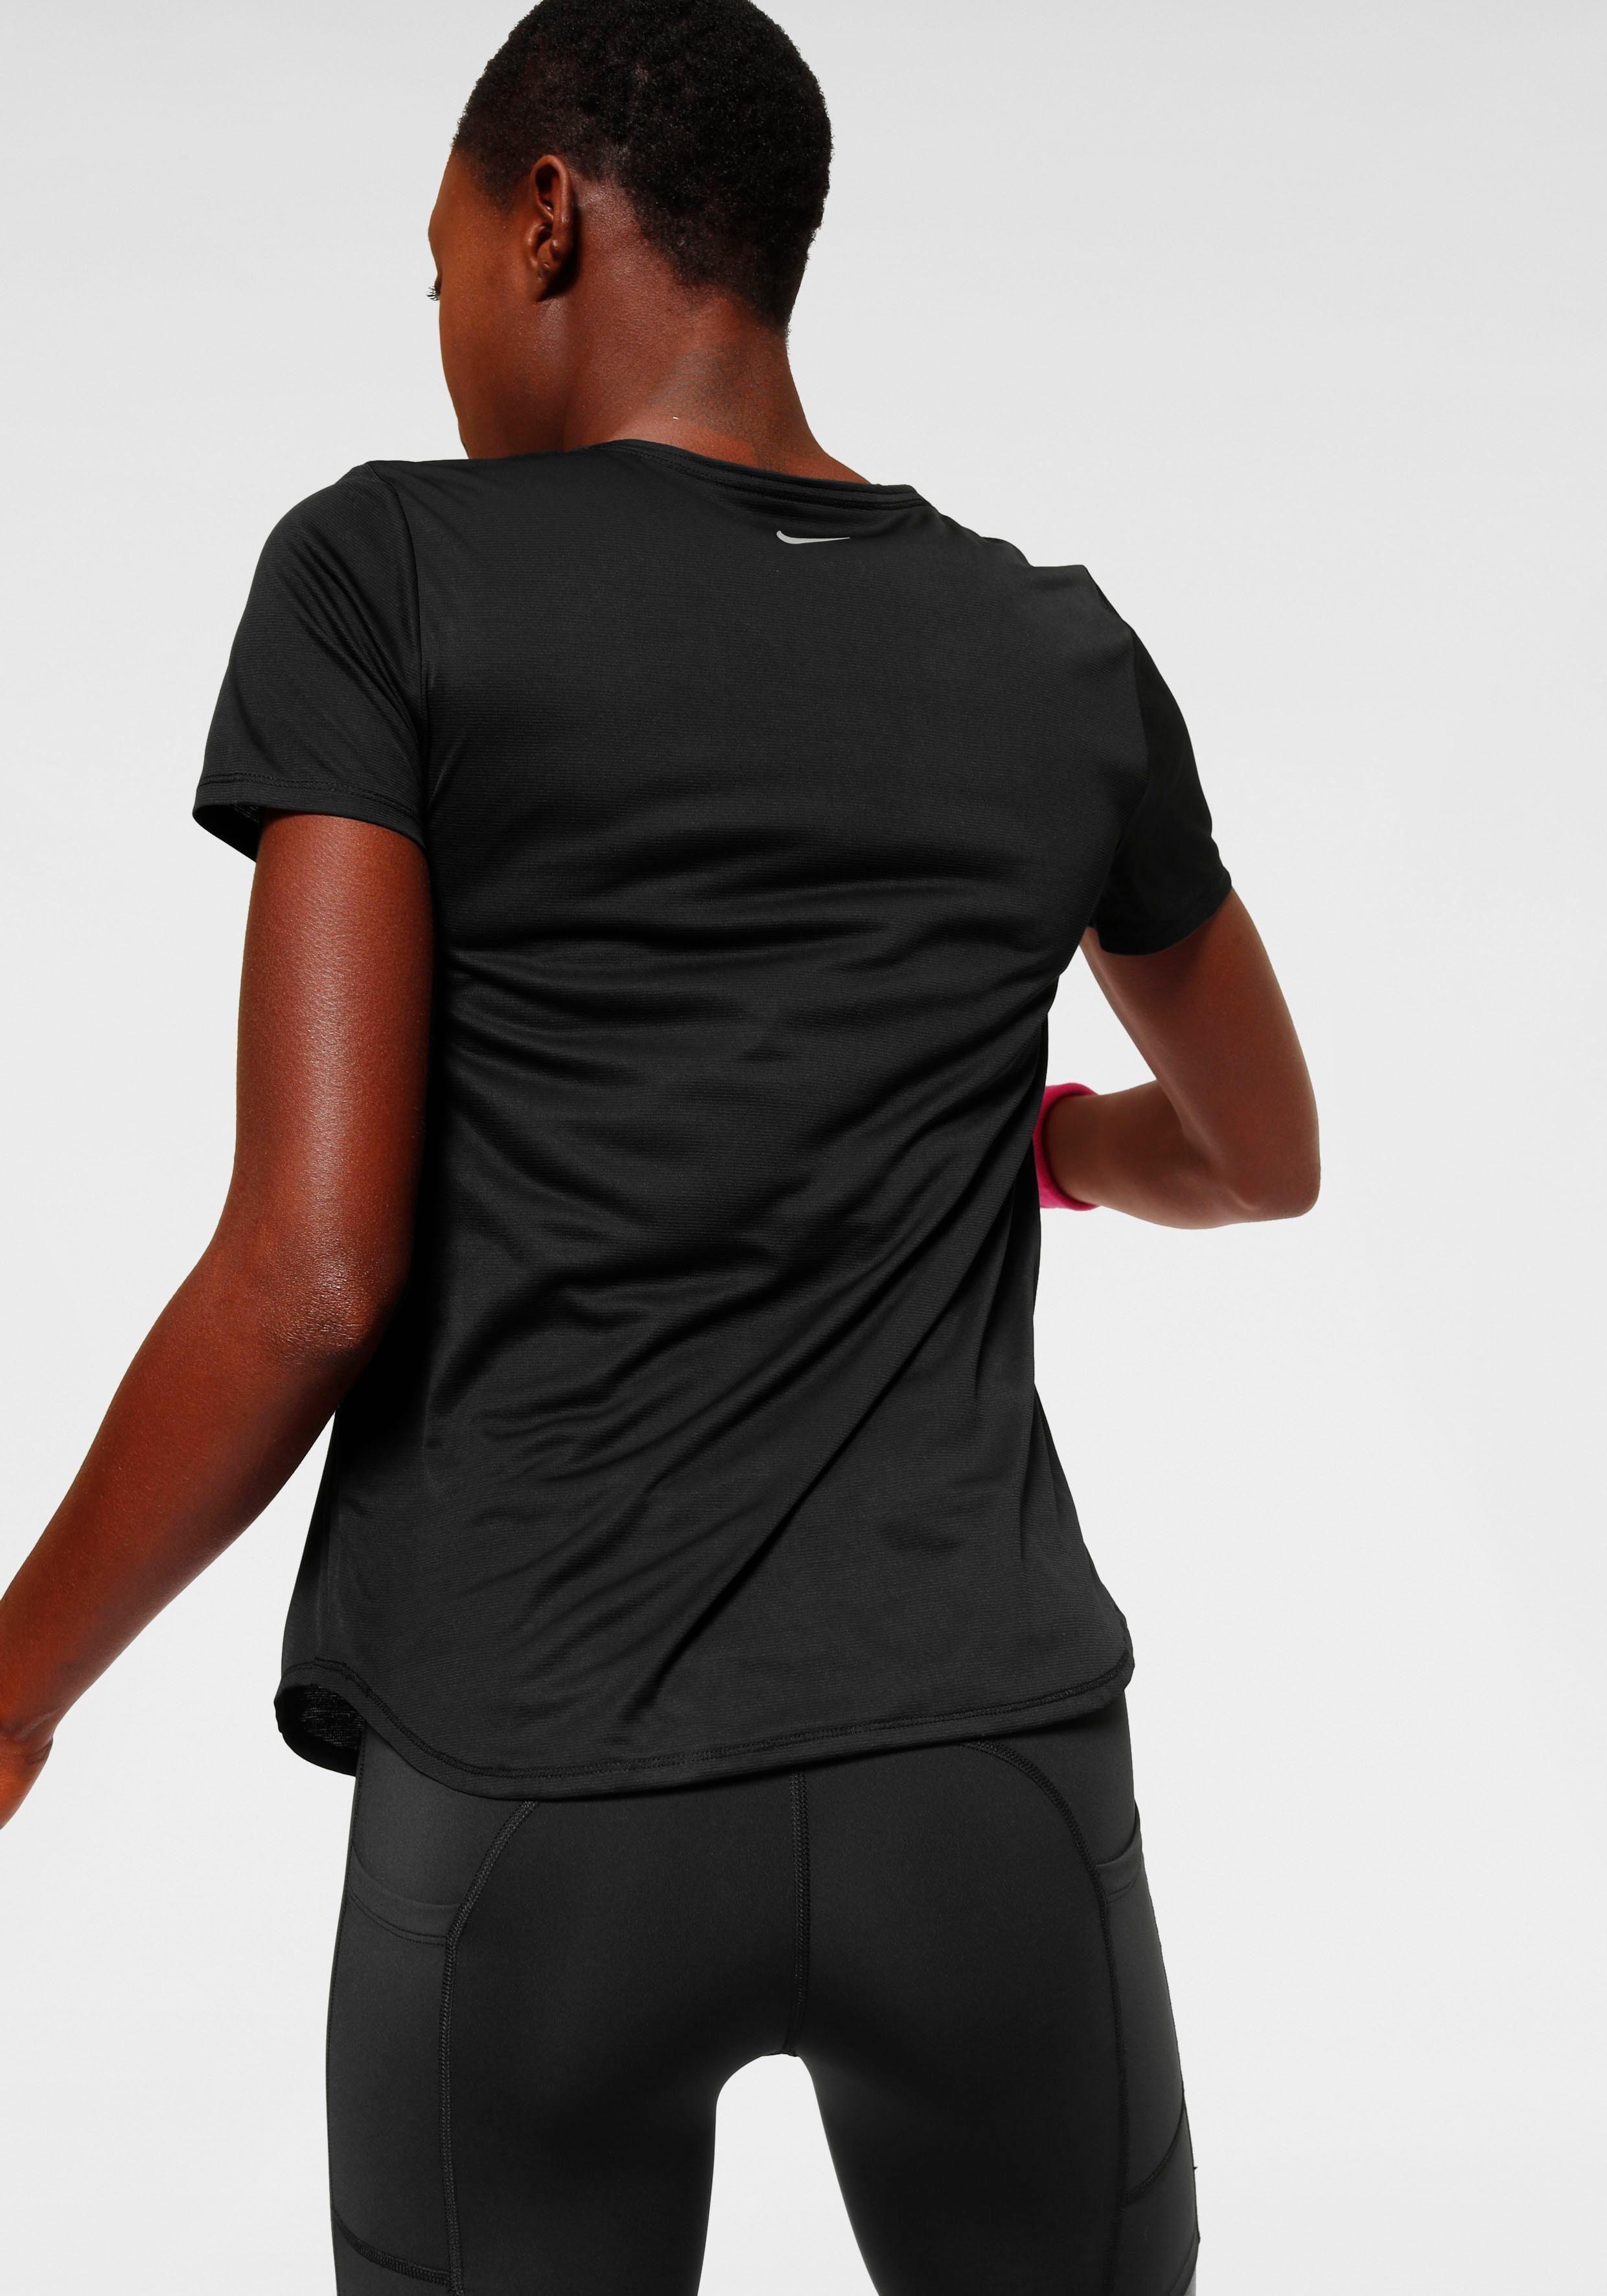 Nike Runningshirt Women's Short-sleeve Running Top Online Shop - Geweldige Prijs